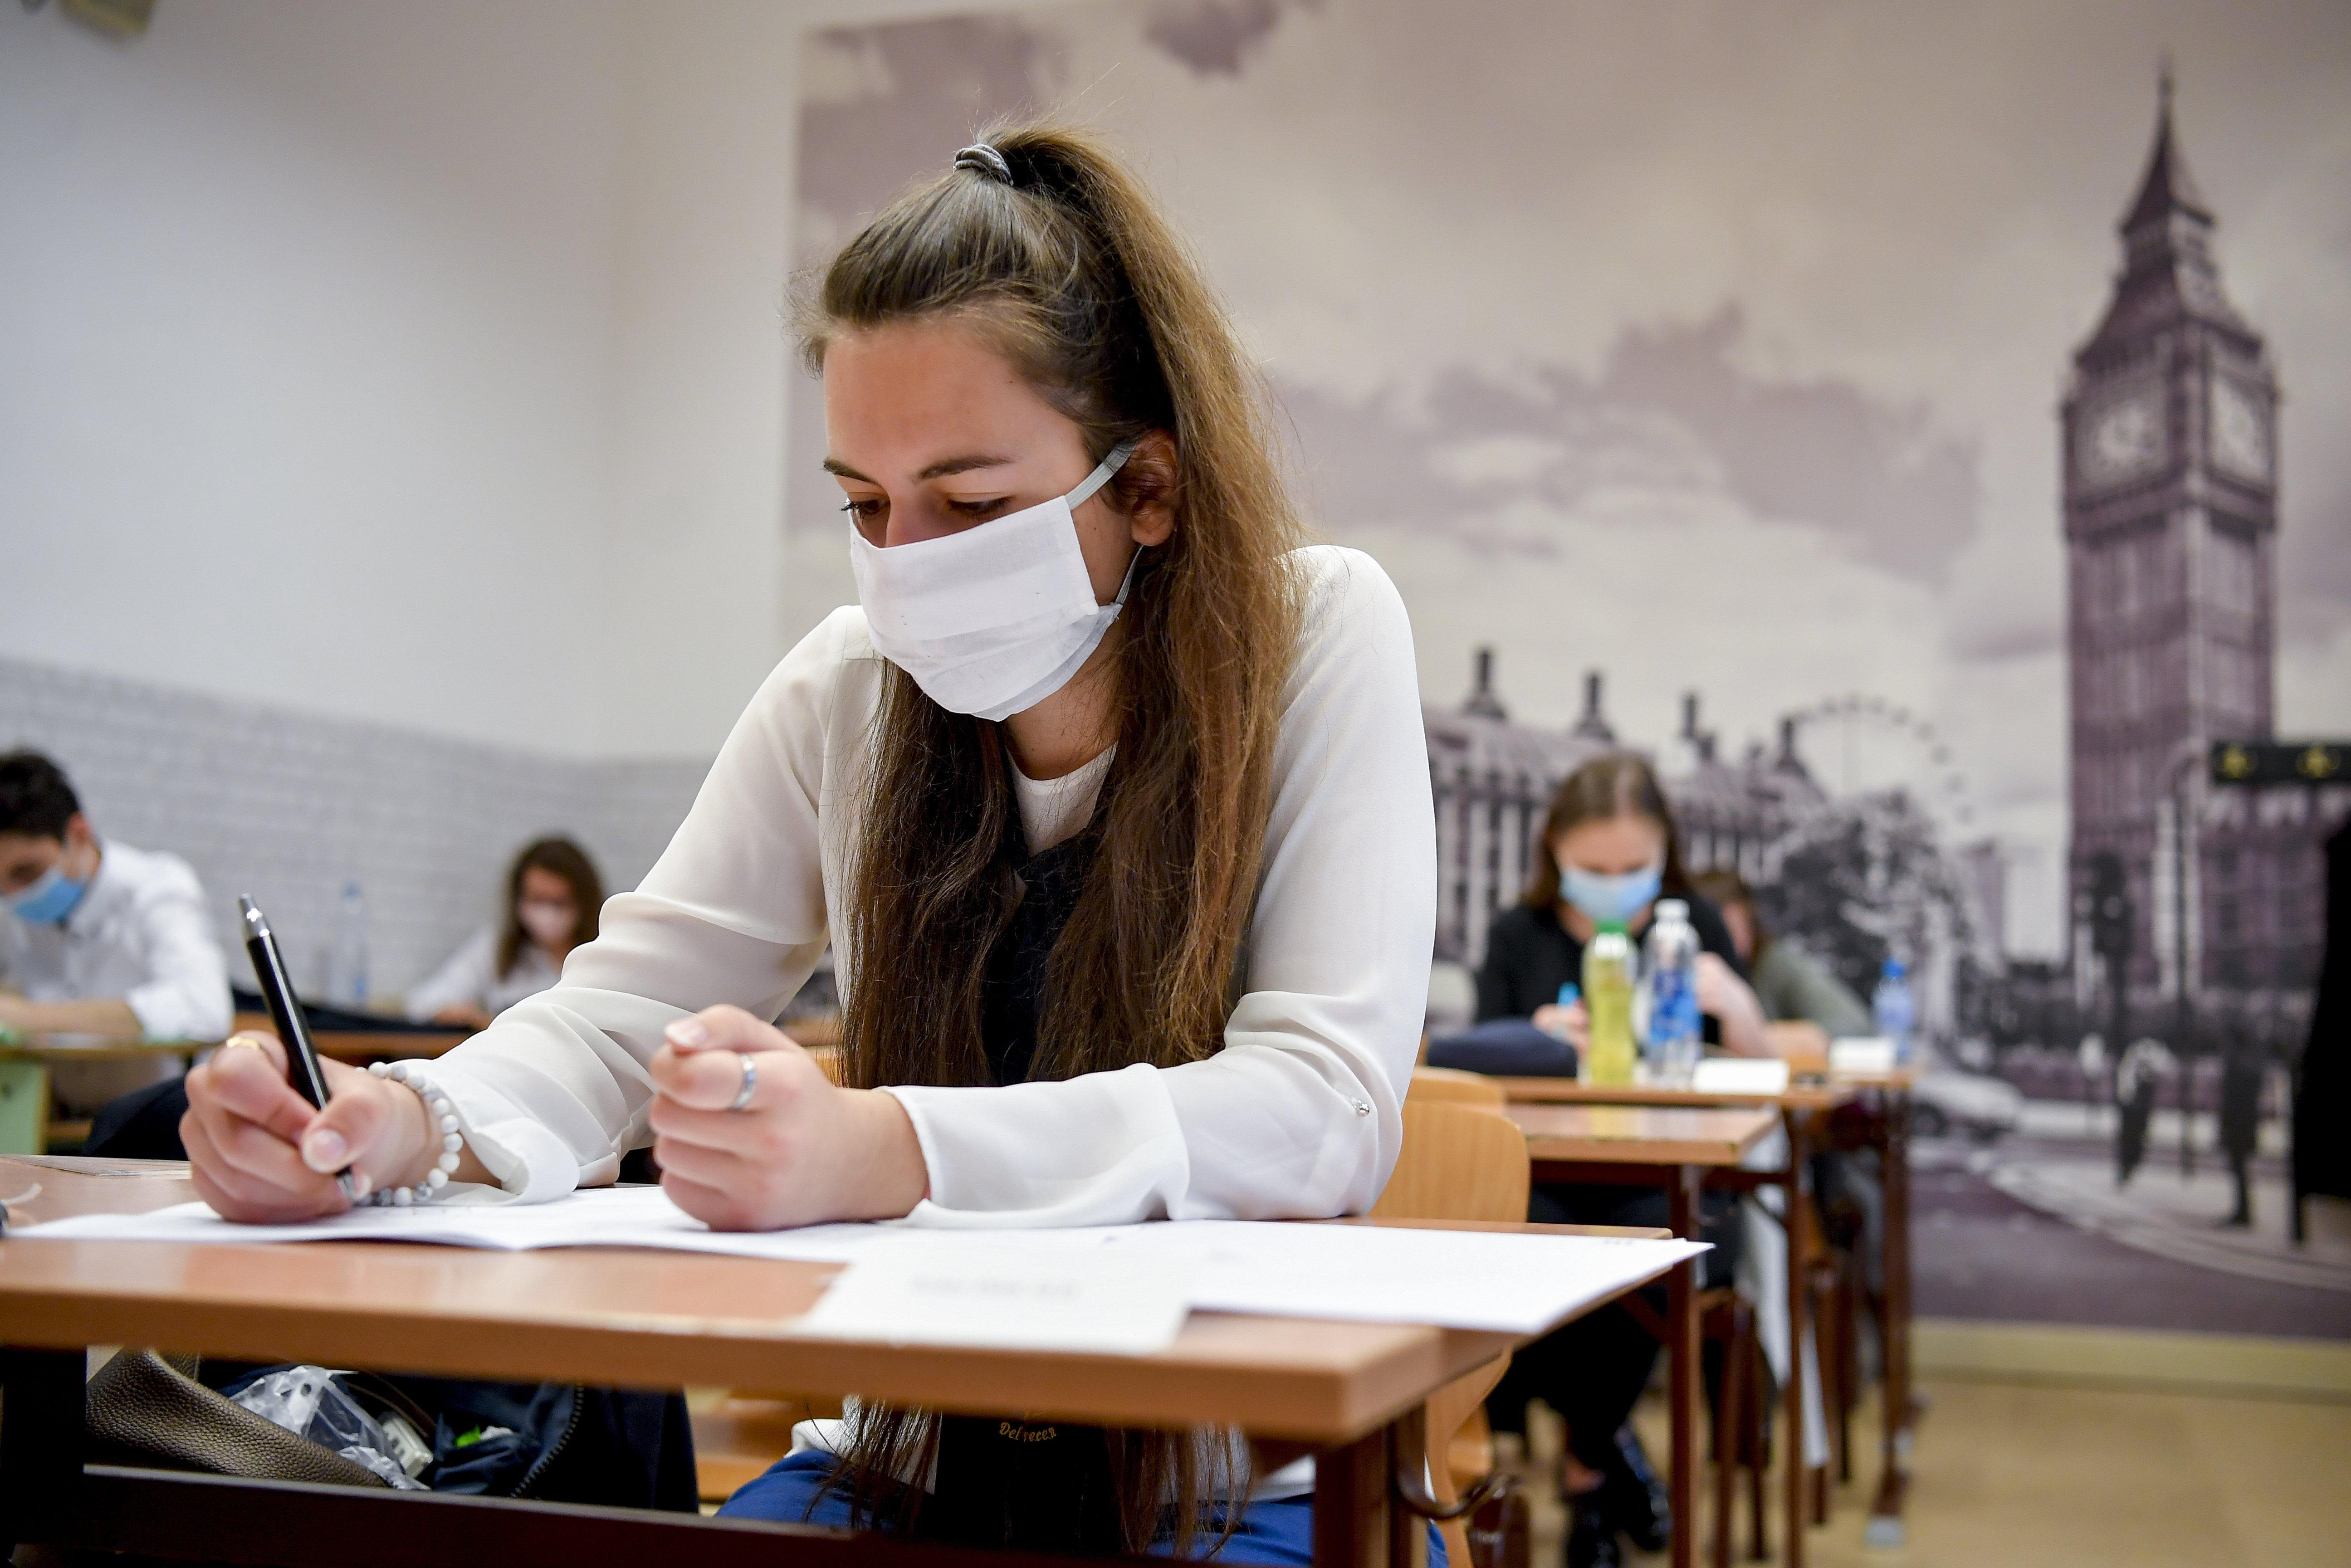 Nem muszáj ősszel érettségizniük azoknak, akik májusban a járvány miatt nem mentek el vizsgázni